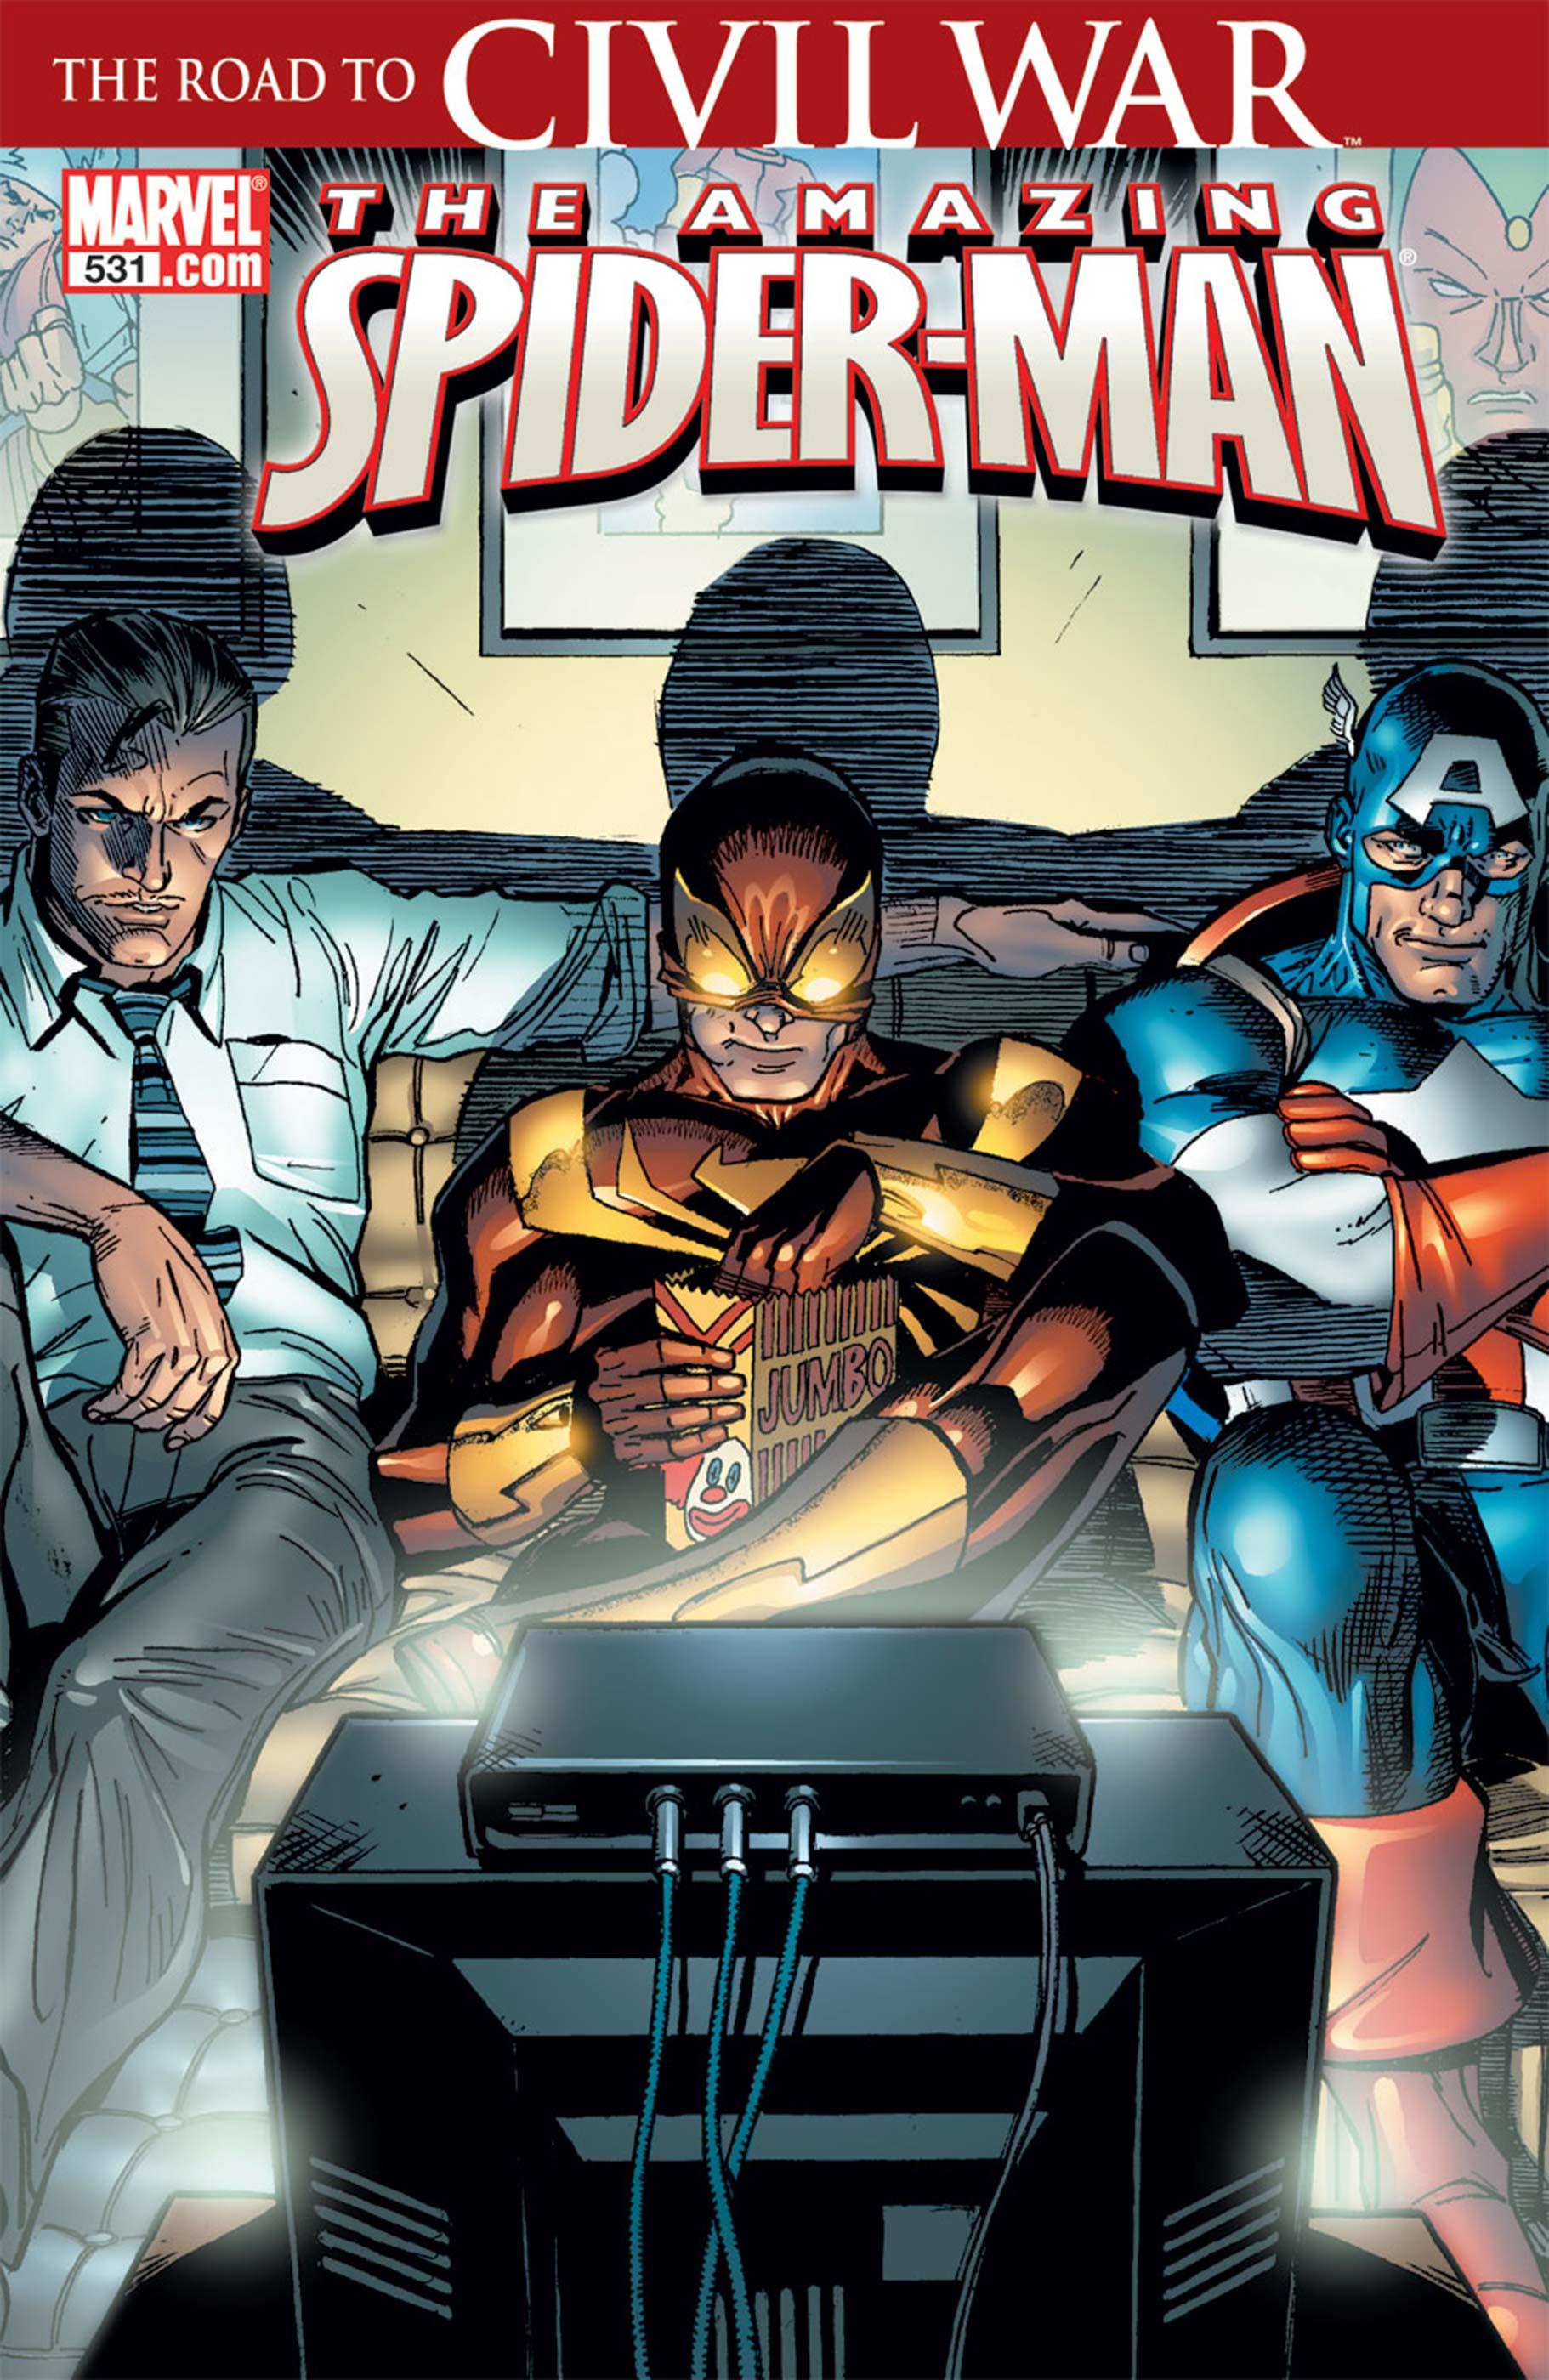 Amazing Spider-Man (1999) #531